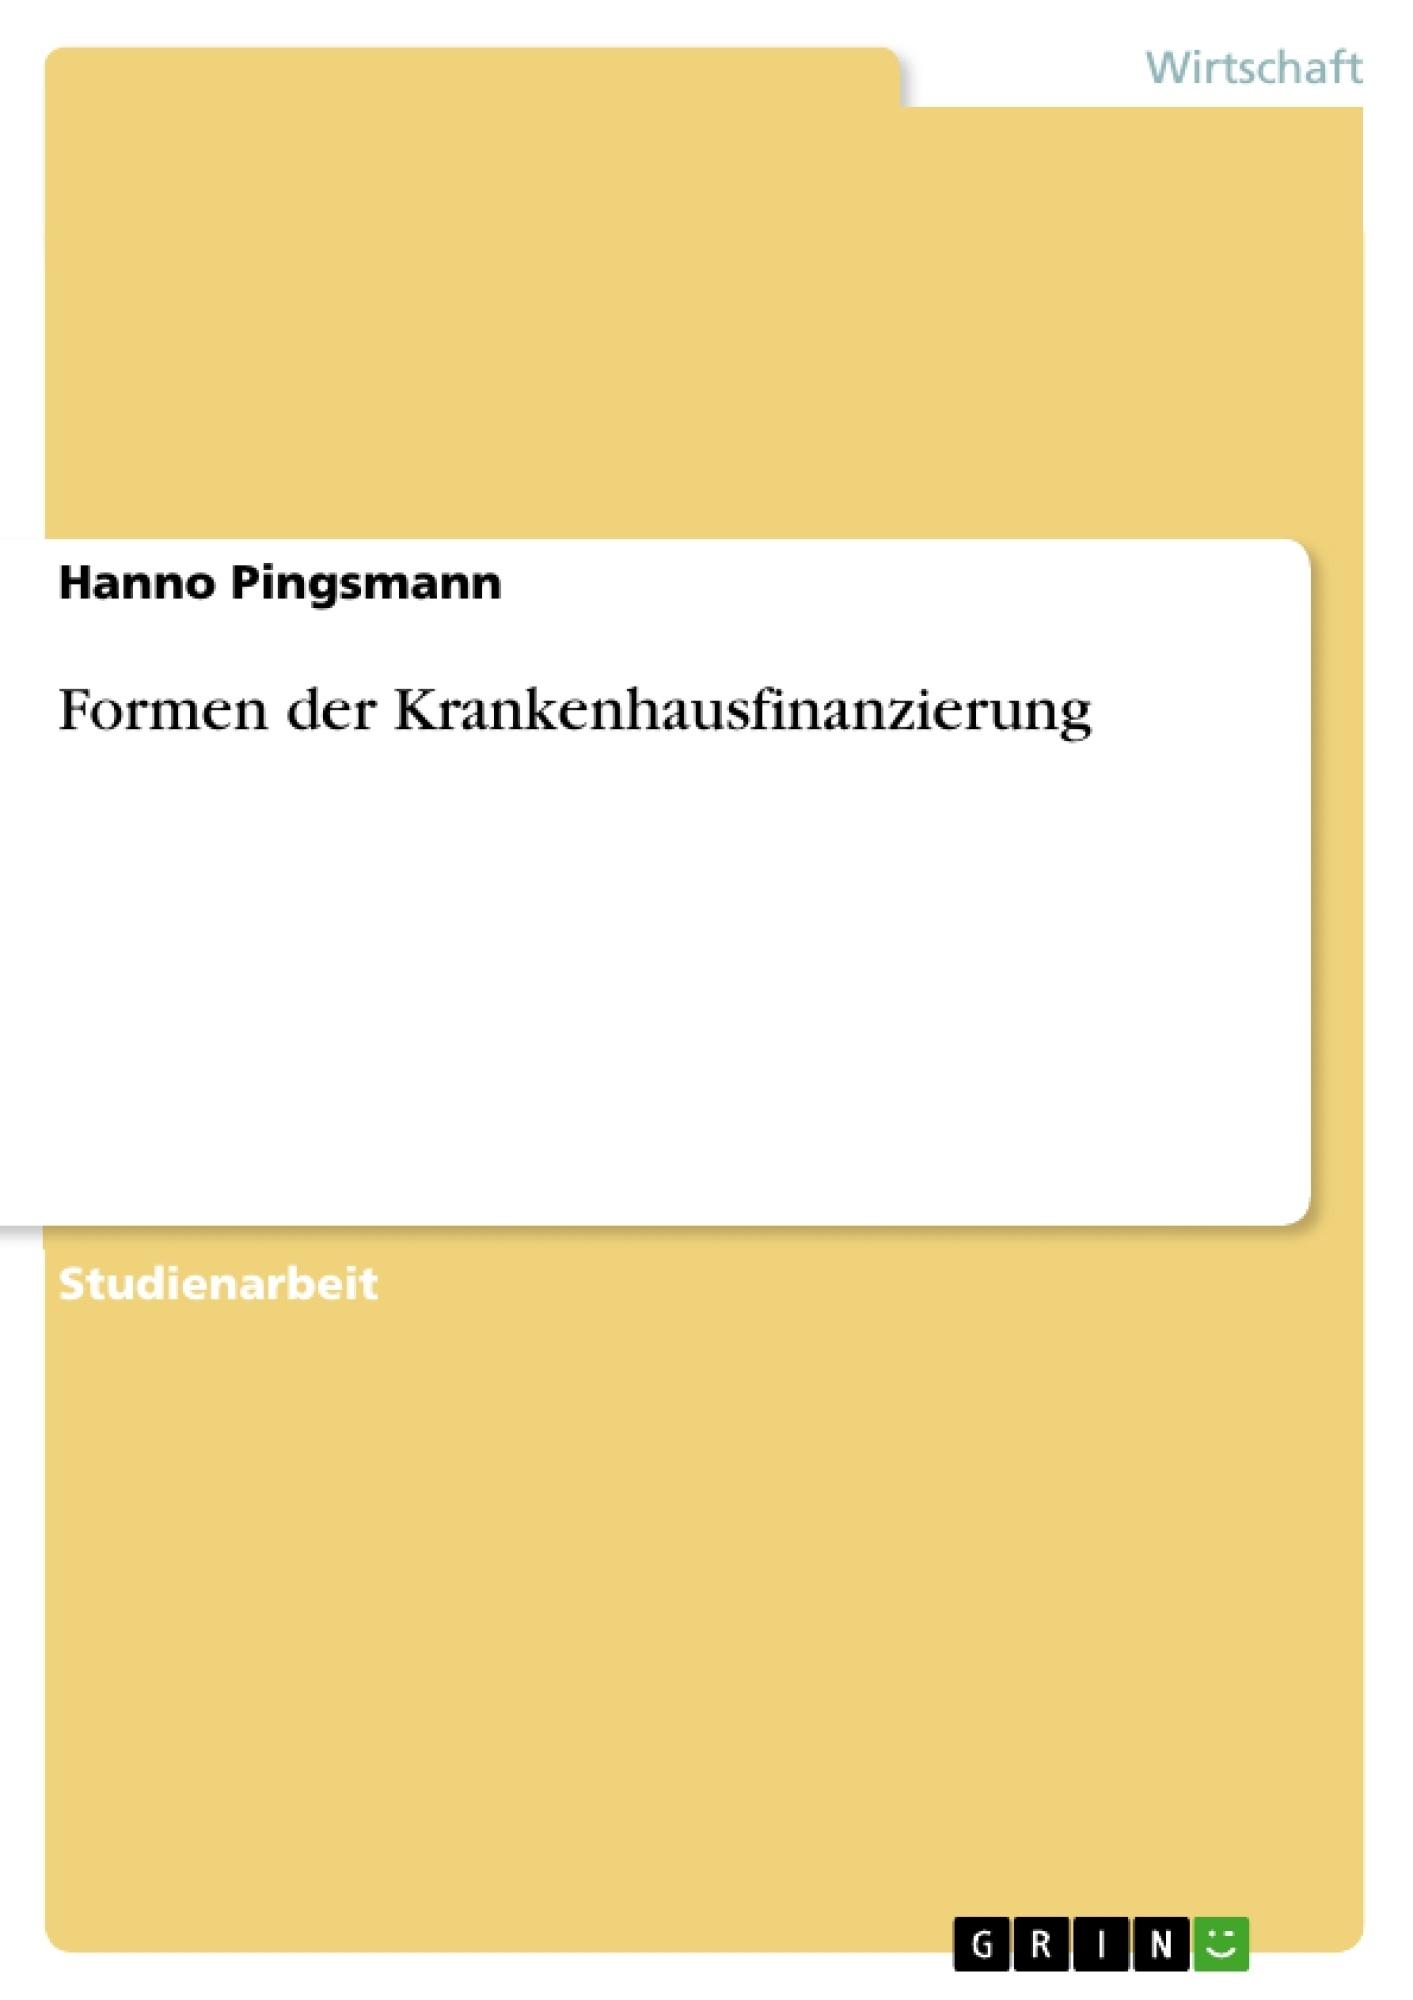 Titel: Formen der Krankenhausfinanzierung